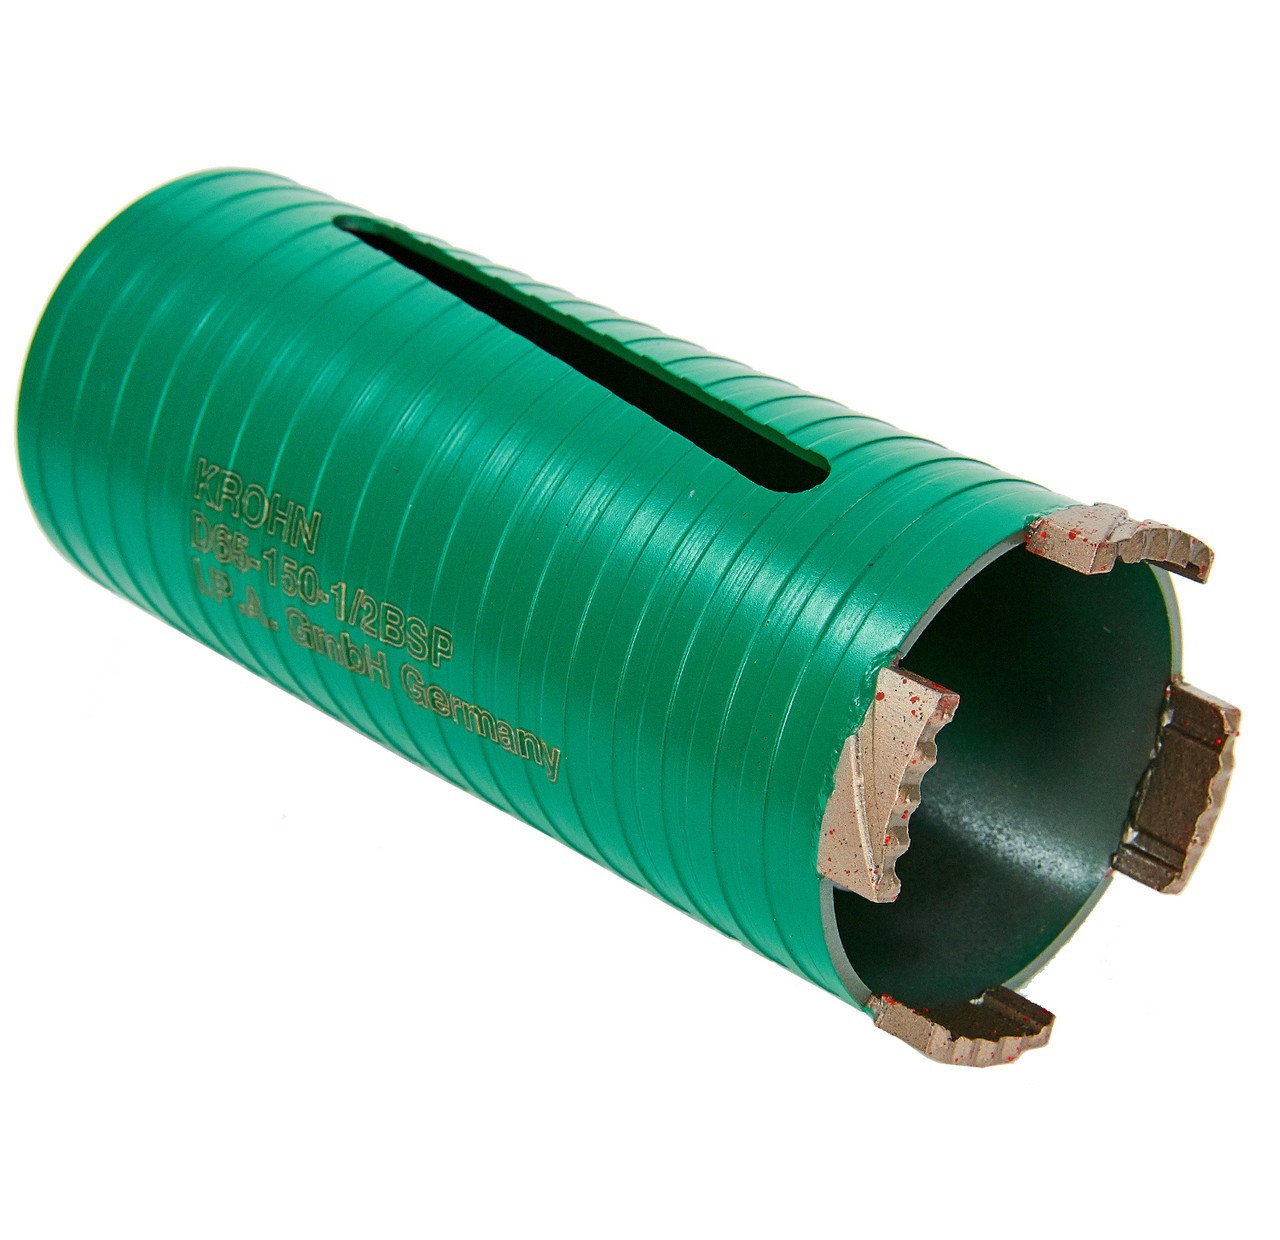 Алмазная коронка для сверления без воды KROHN (Ø52 мм, 1/2 BSP, L150)